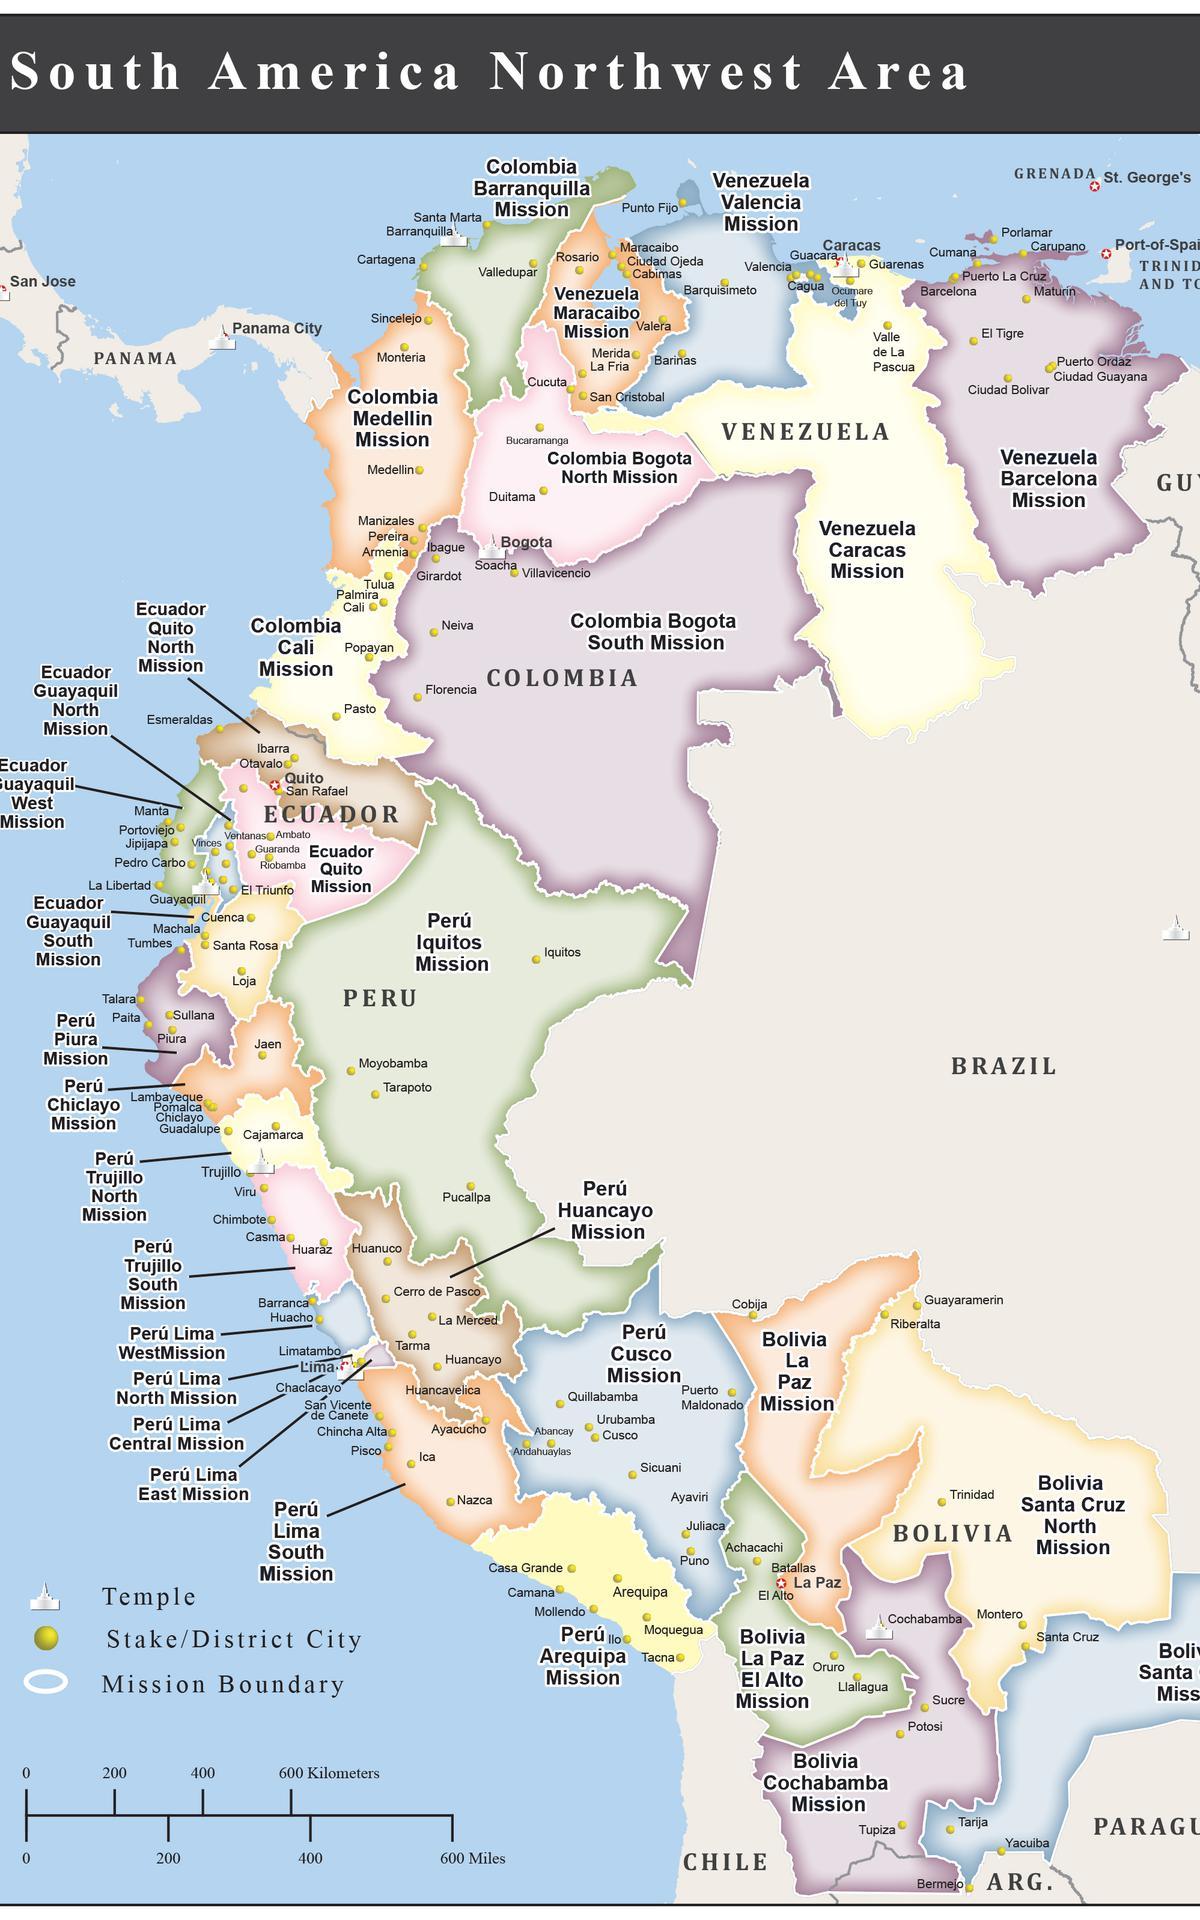 Misiones del área sudamérica noroeste 2019